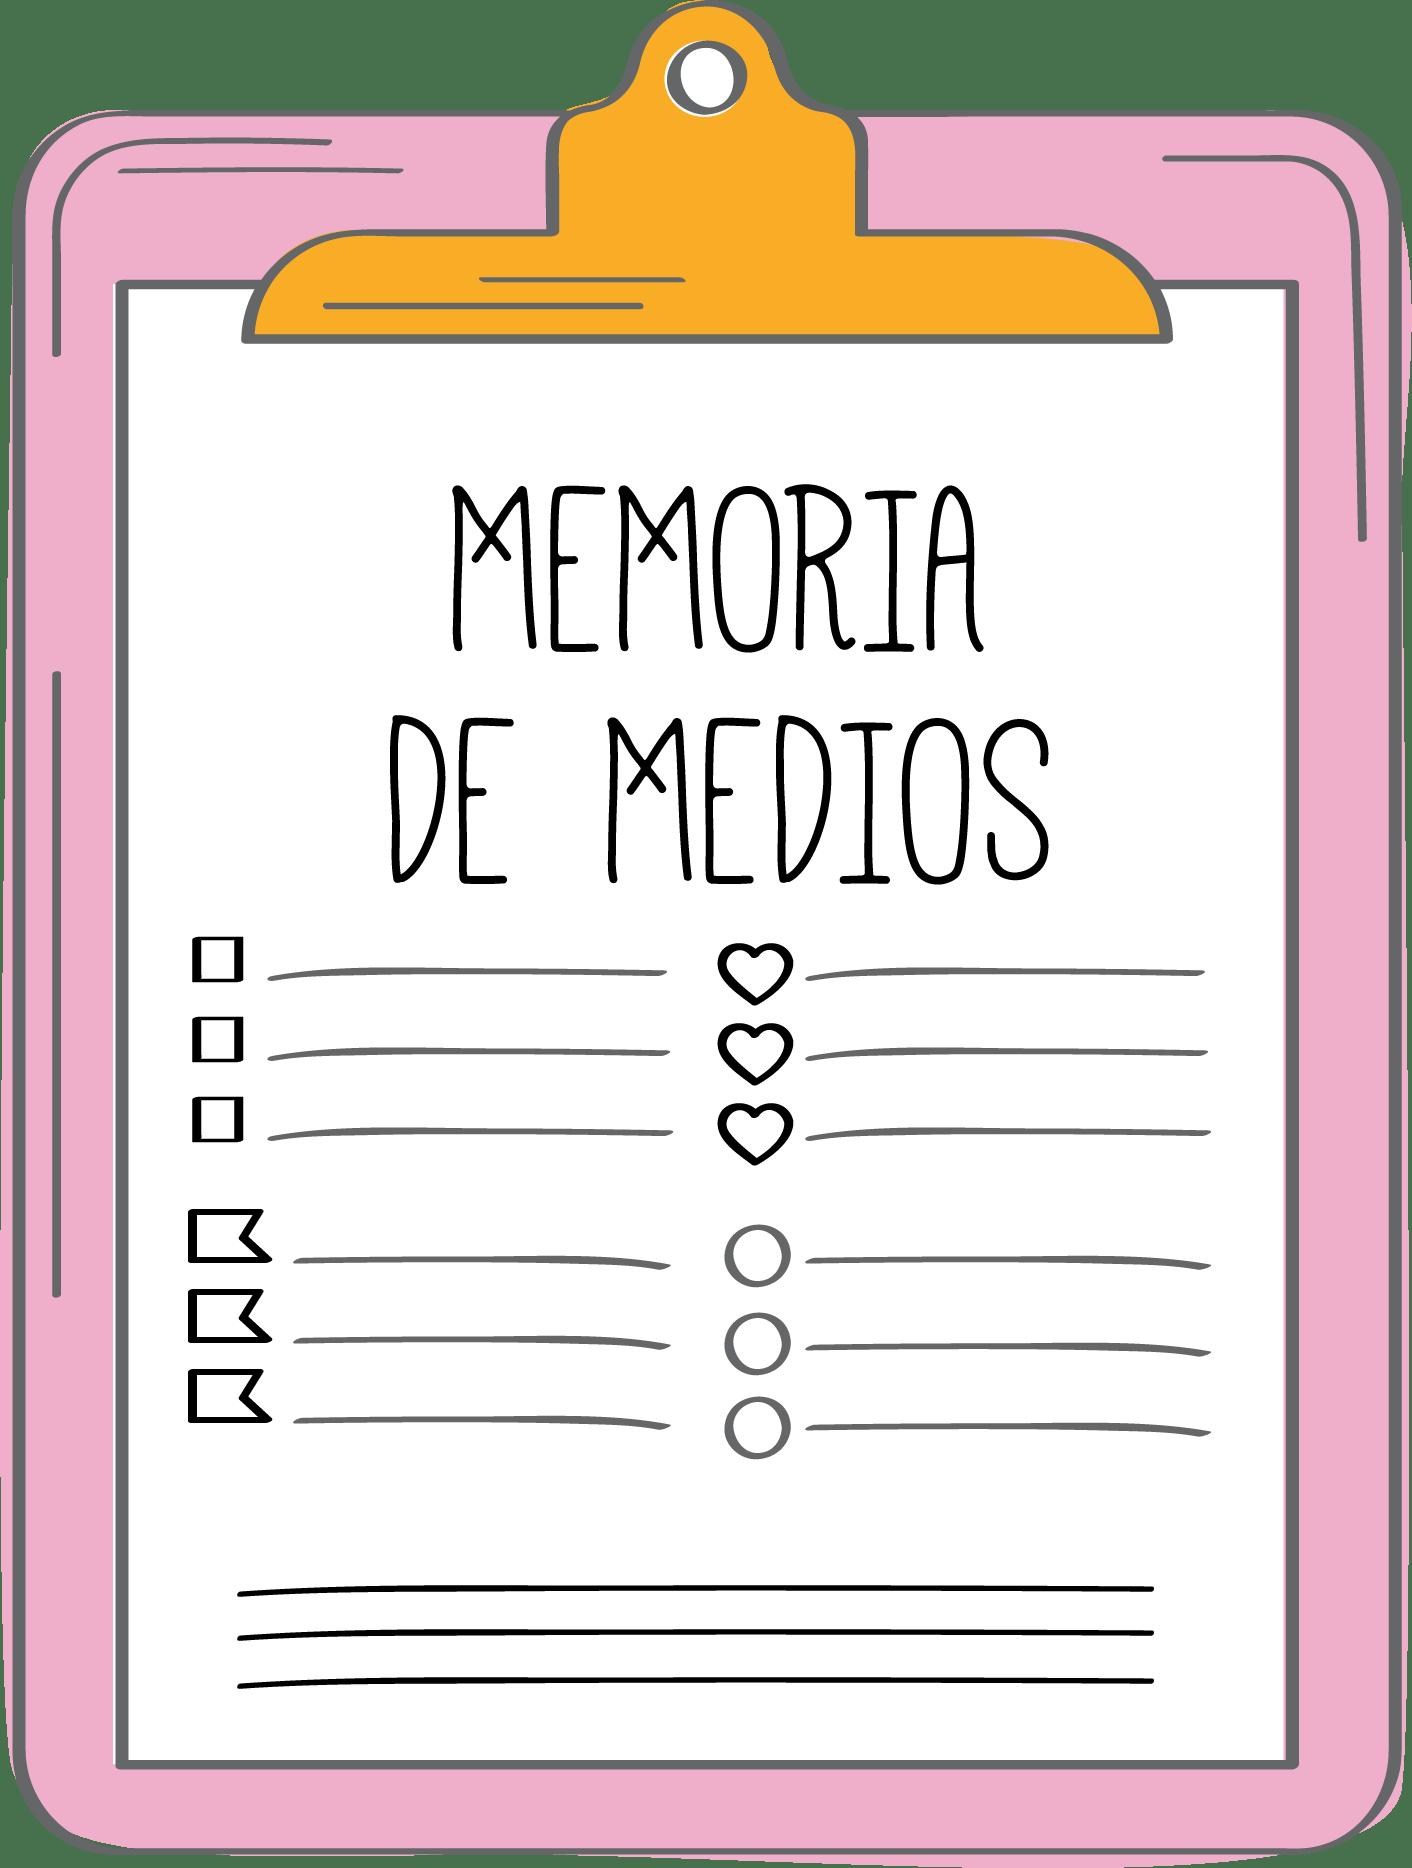 MEMORIA DE MEDIOS